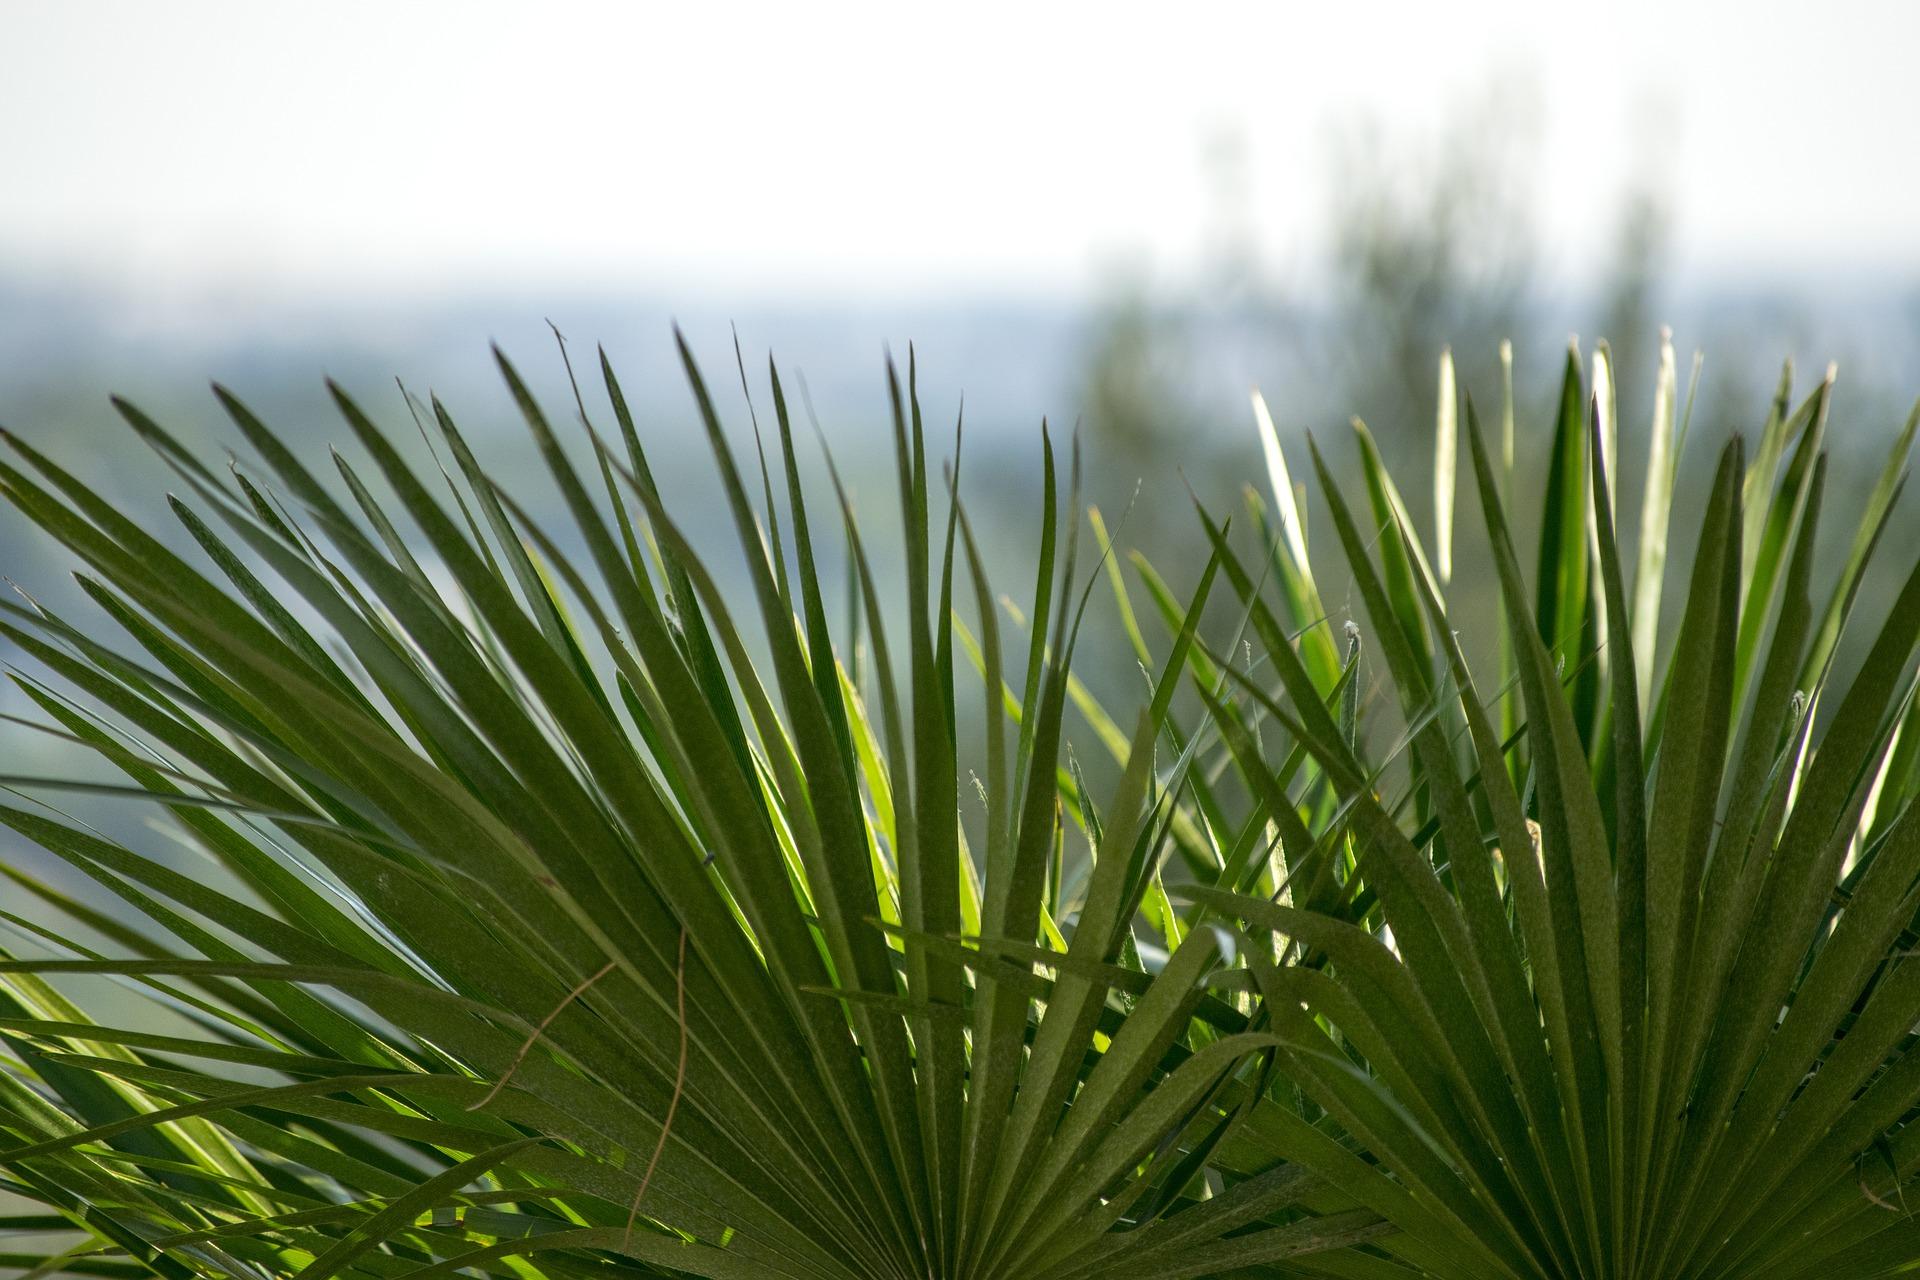 Las palmeras son verdes por lo general